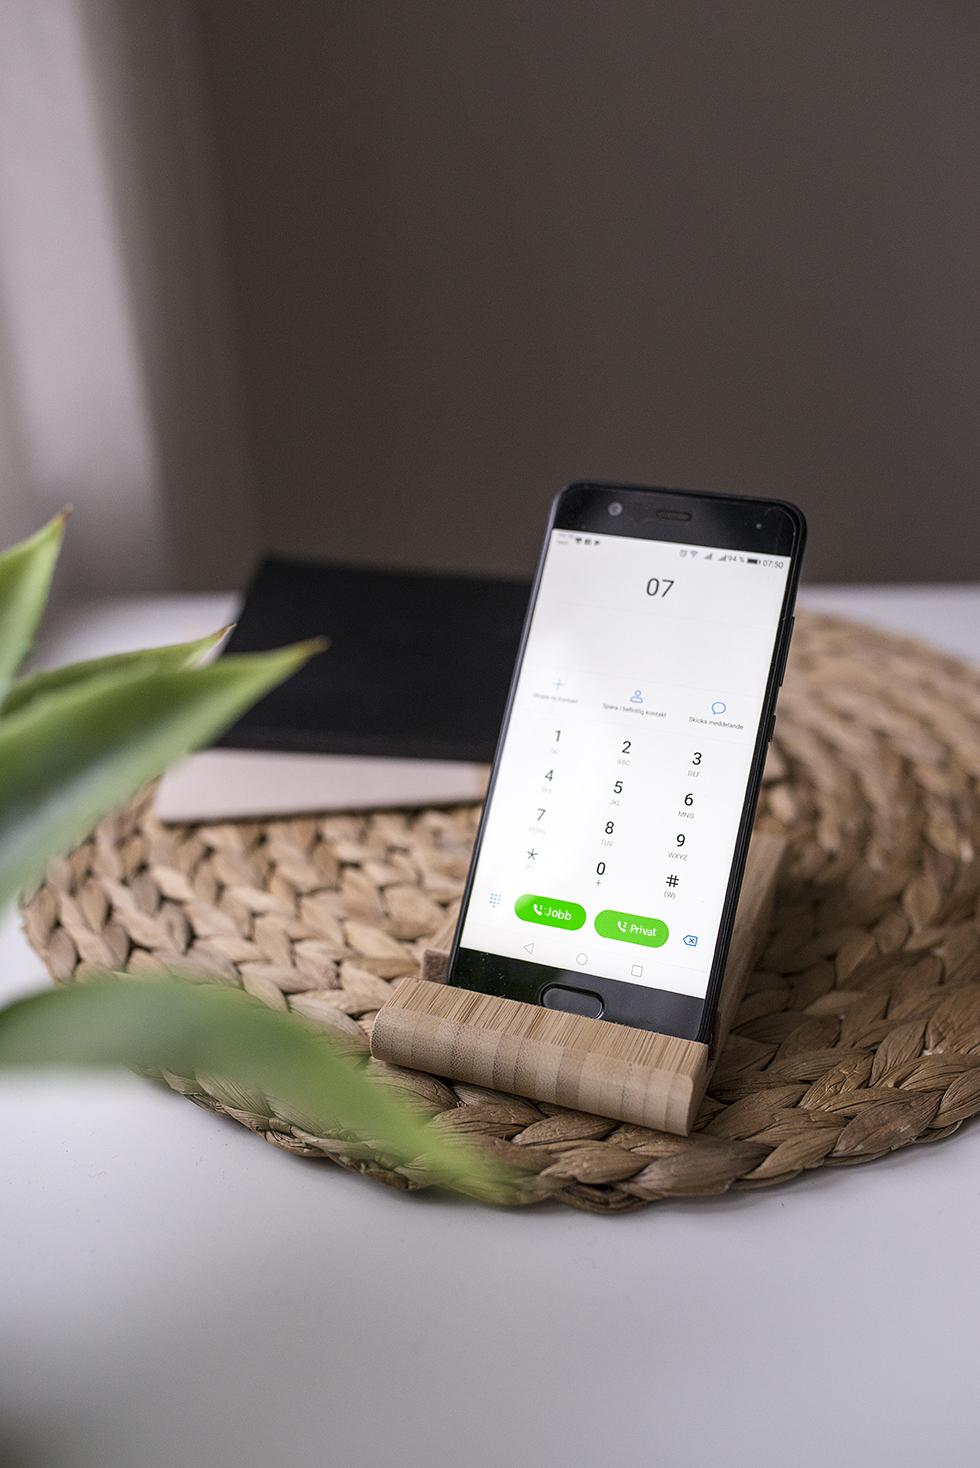 samma sim kort iphone 5 och samsung